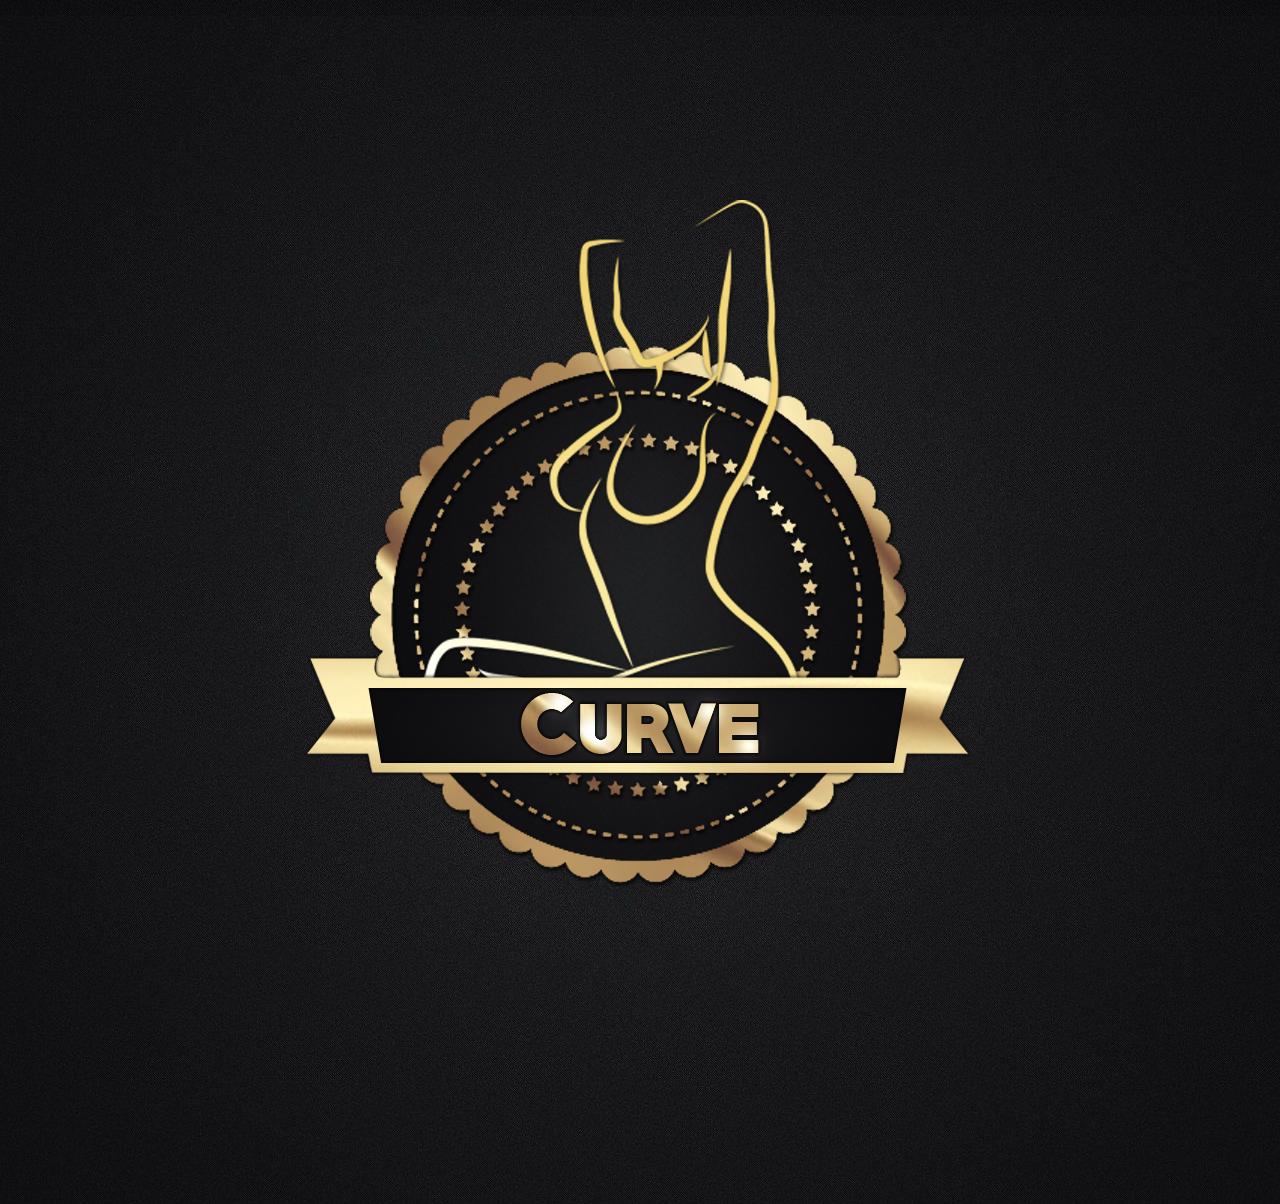 [Curve]